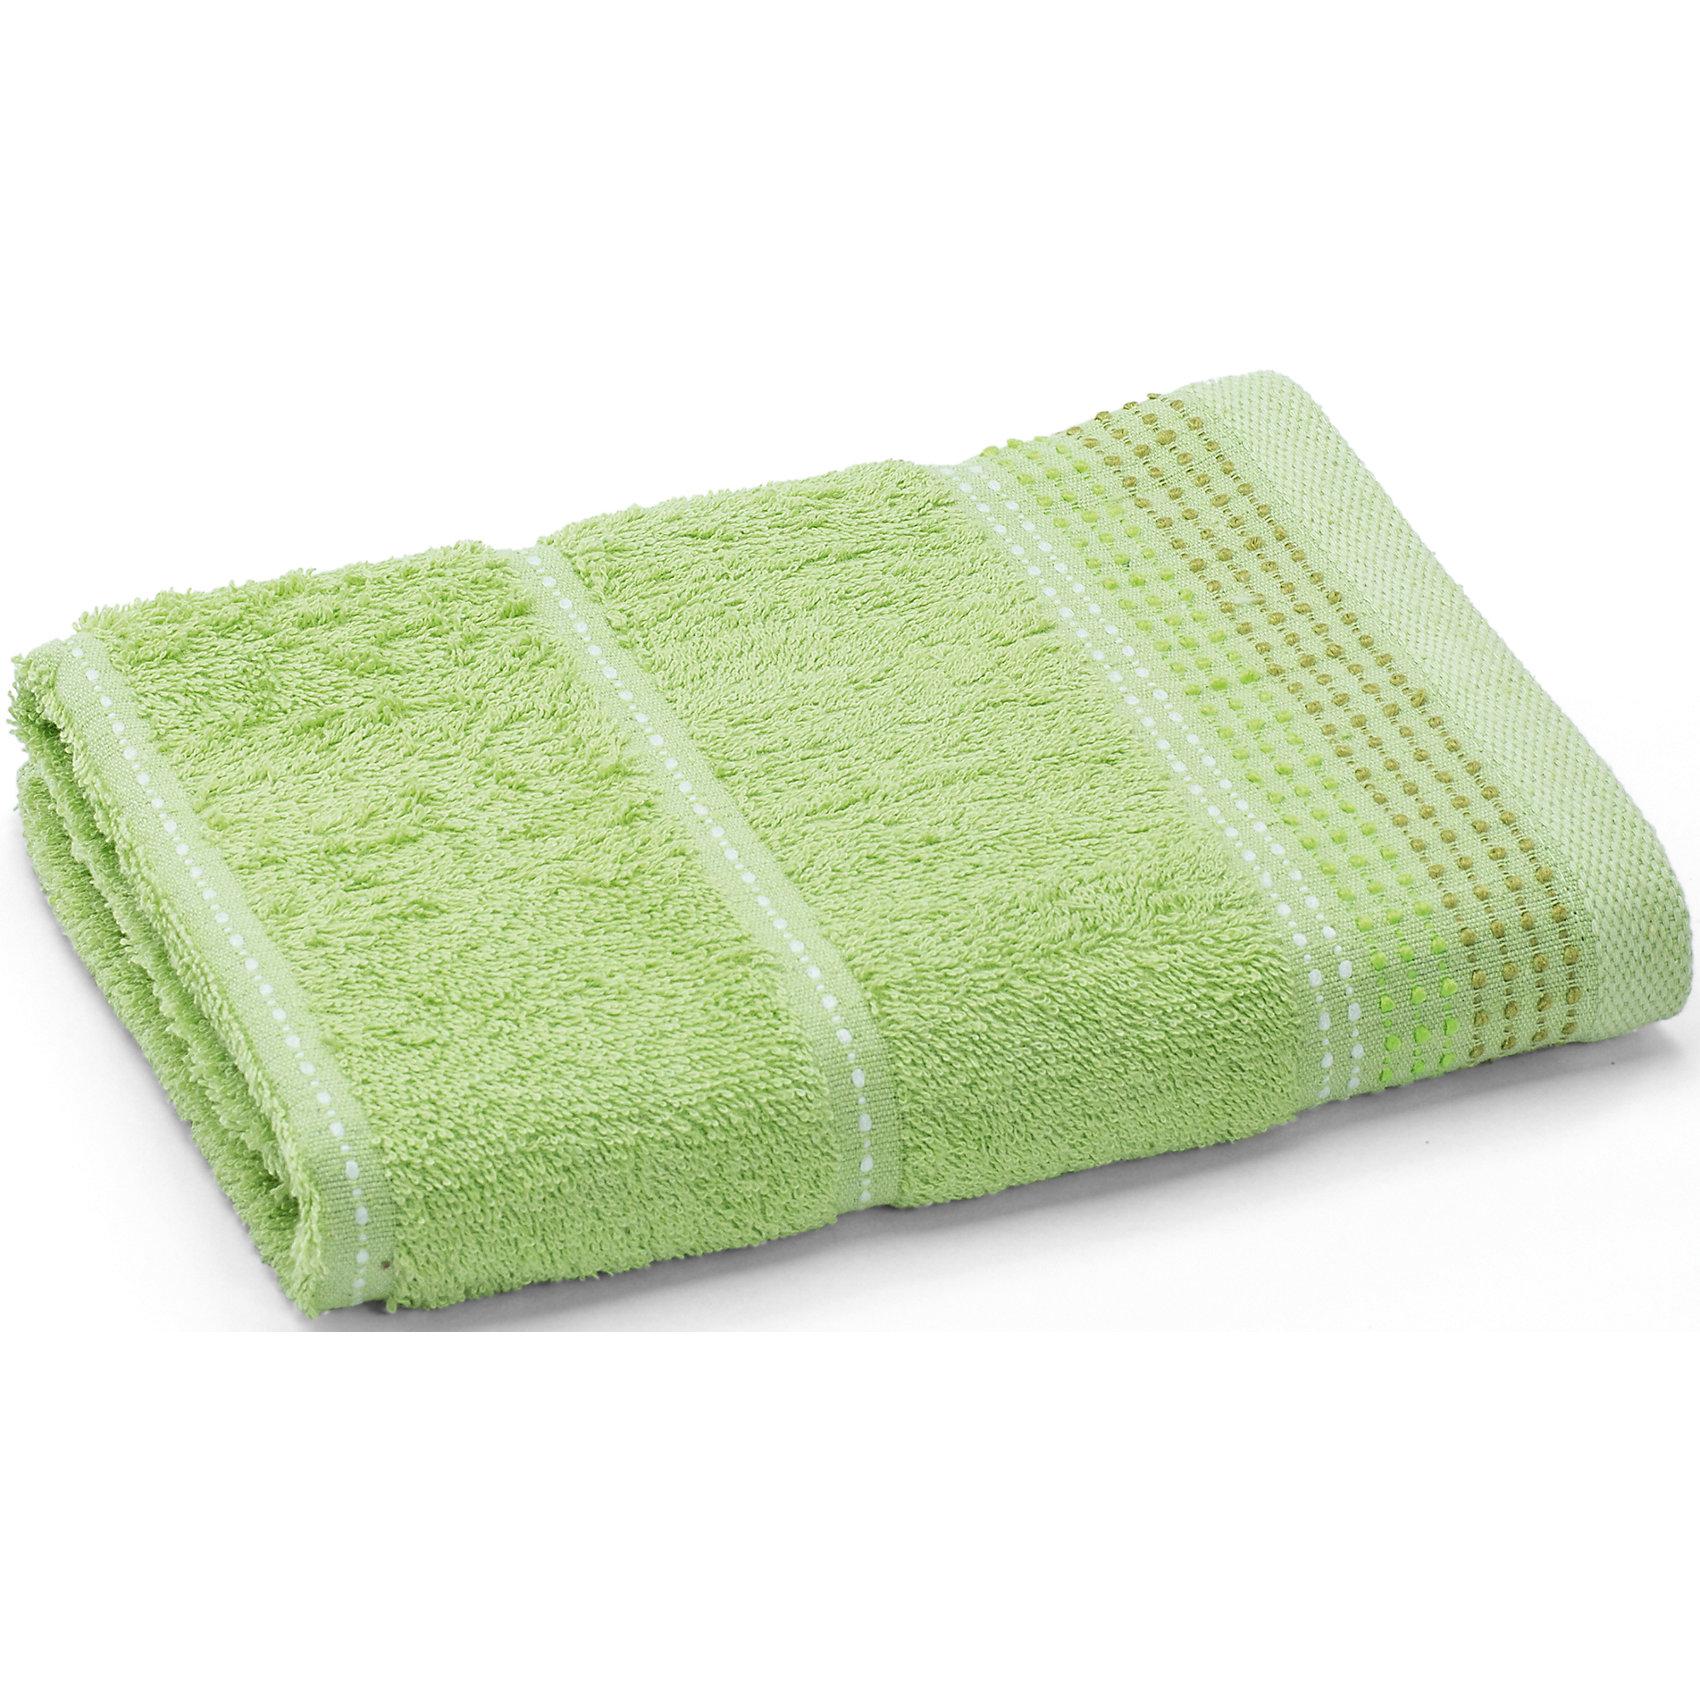 Полотенце махровое Клео 50*90, Любимый дом, зеленыйМахровое полотенце Клео очень мягкое и приятное телу. Оно изготовлено из качественного хлопка, отлично впитывает влагу. Полотенце украшено контрастной вышивкой по краю. Отлично впишется в вашу ванную комнату.<br><br>Дополнительная информация:<br>Материал: 100% хлопок<br>Цвет: зеленый<br>Размер: 50х90 см<br>Торговая марка: Любимый дом<br><br>Вы можете приобрести махровое полотенце Клео в нашем интернет-магазине.<br><br>Ширина мм: 500<br>Глубина мм: 500<br>Высота мм: 200<br>Вес г: 250<br>Возраст от месяцев: 0<br>Возраст до месяцев: 144<br>Пол: Унисекс<br>Возраст: Детский<br>SKU: 5010954